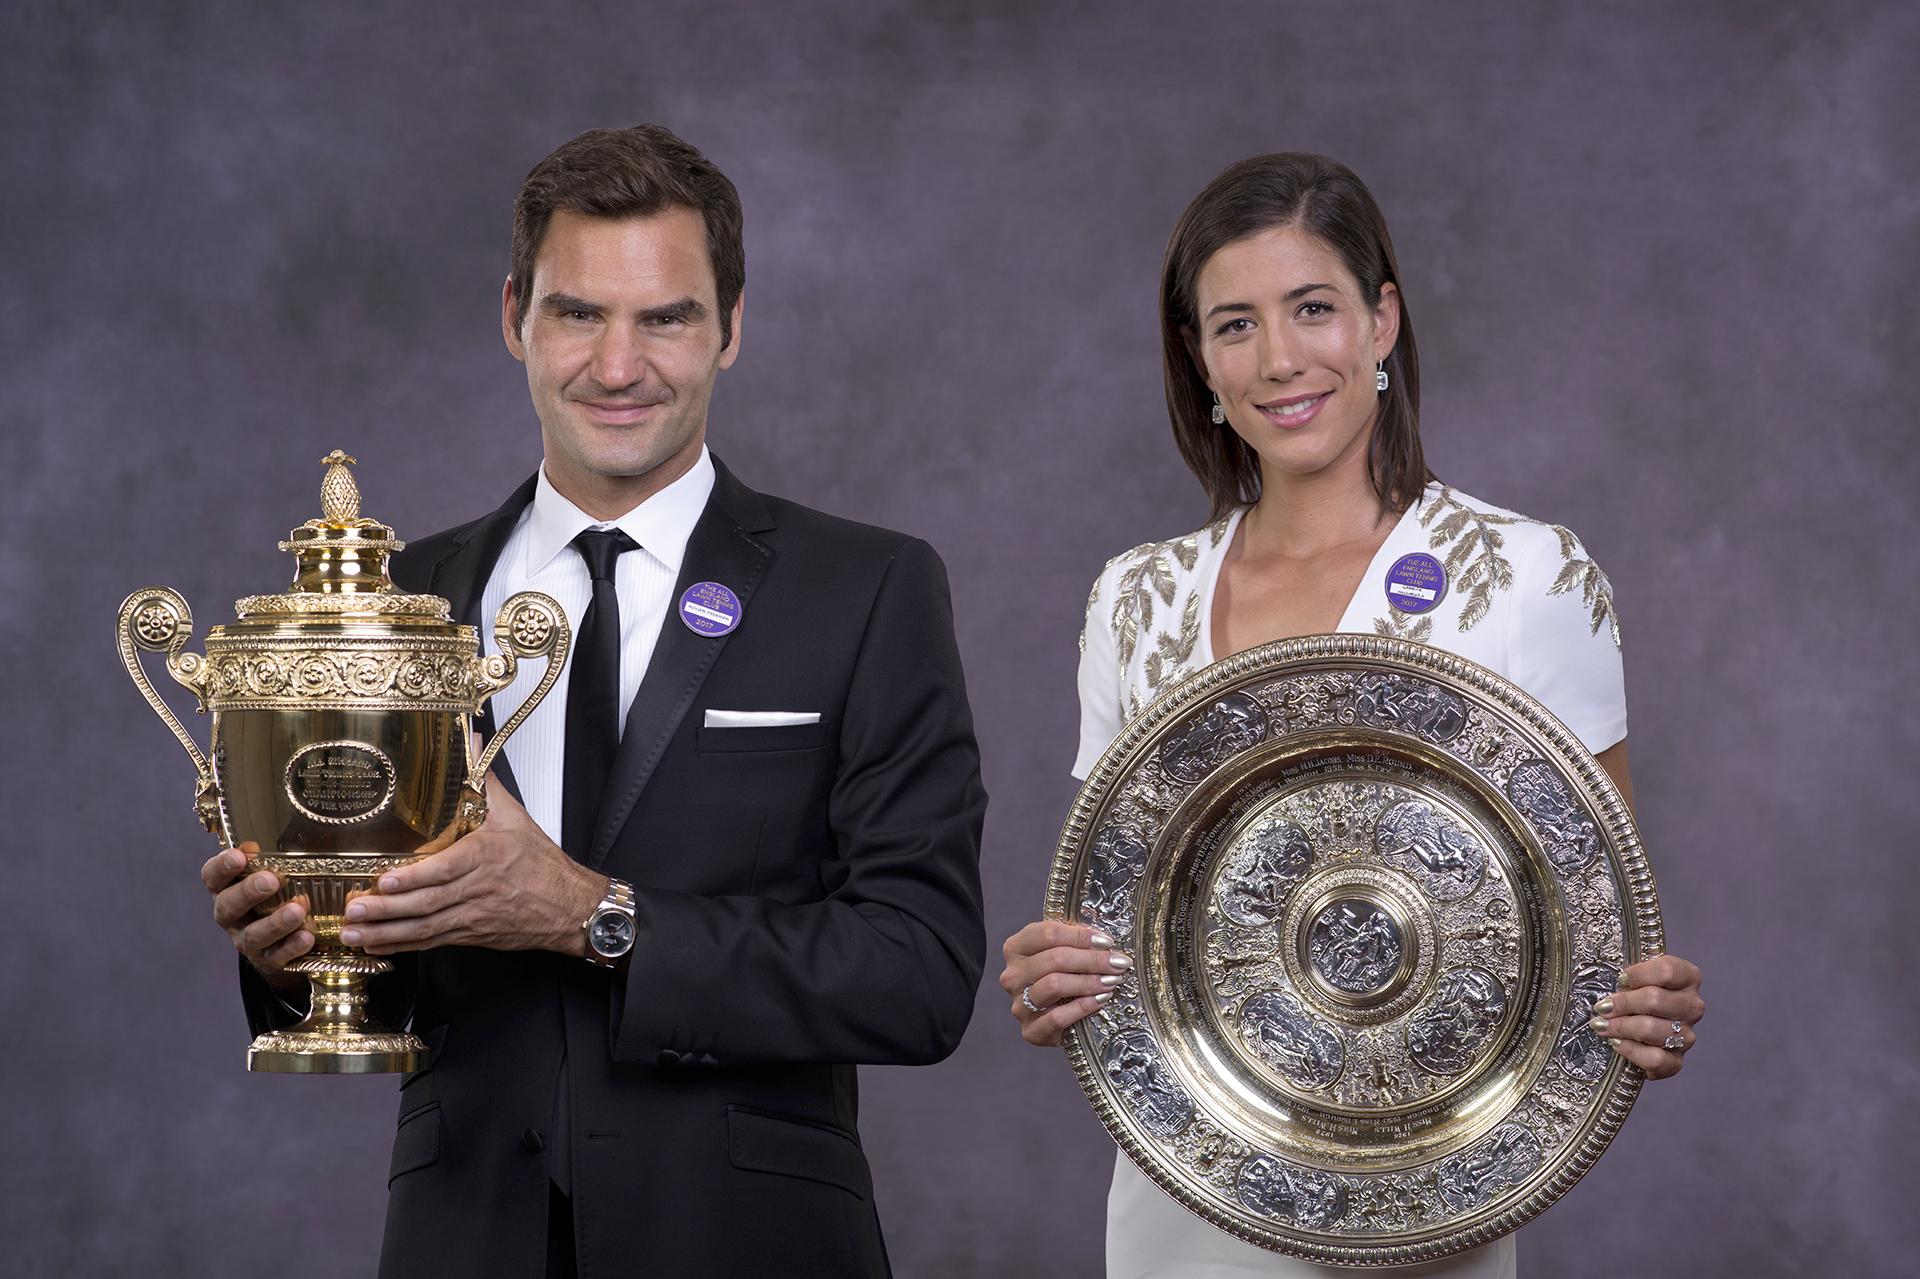 Dos generaciones campeonas: Federer, a los 35 años, y Muguruza, a los 23 (AFP)